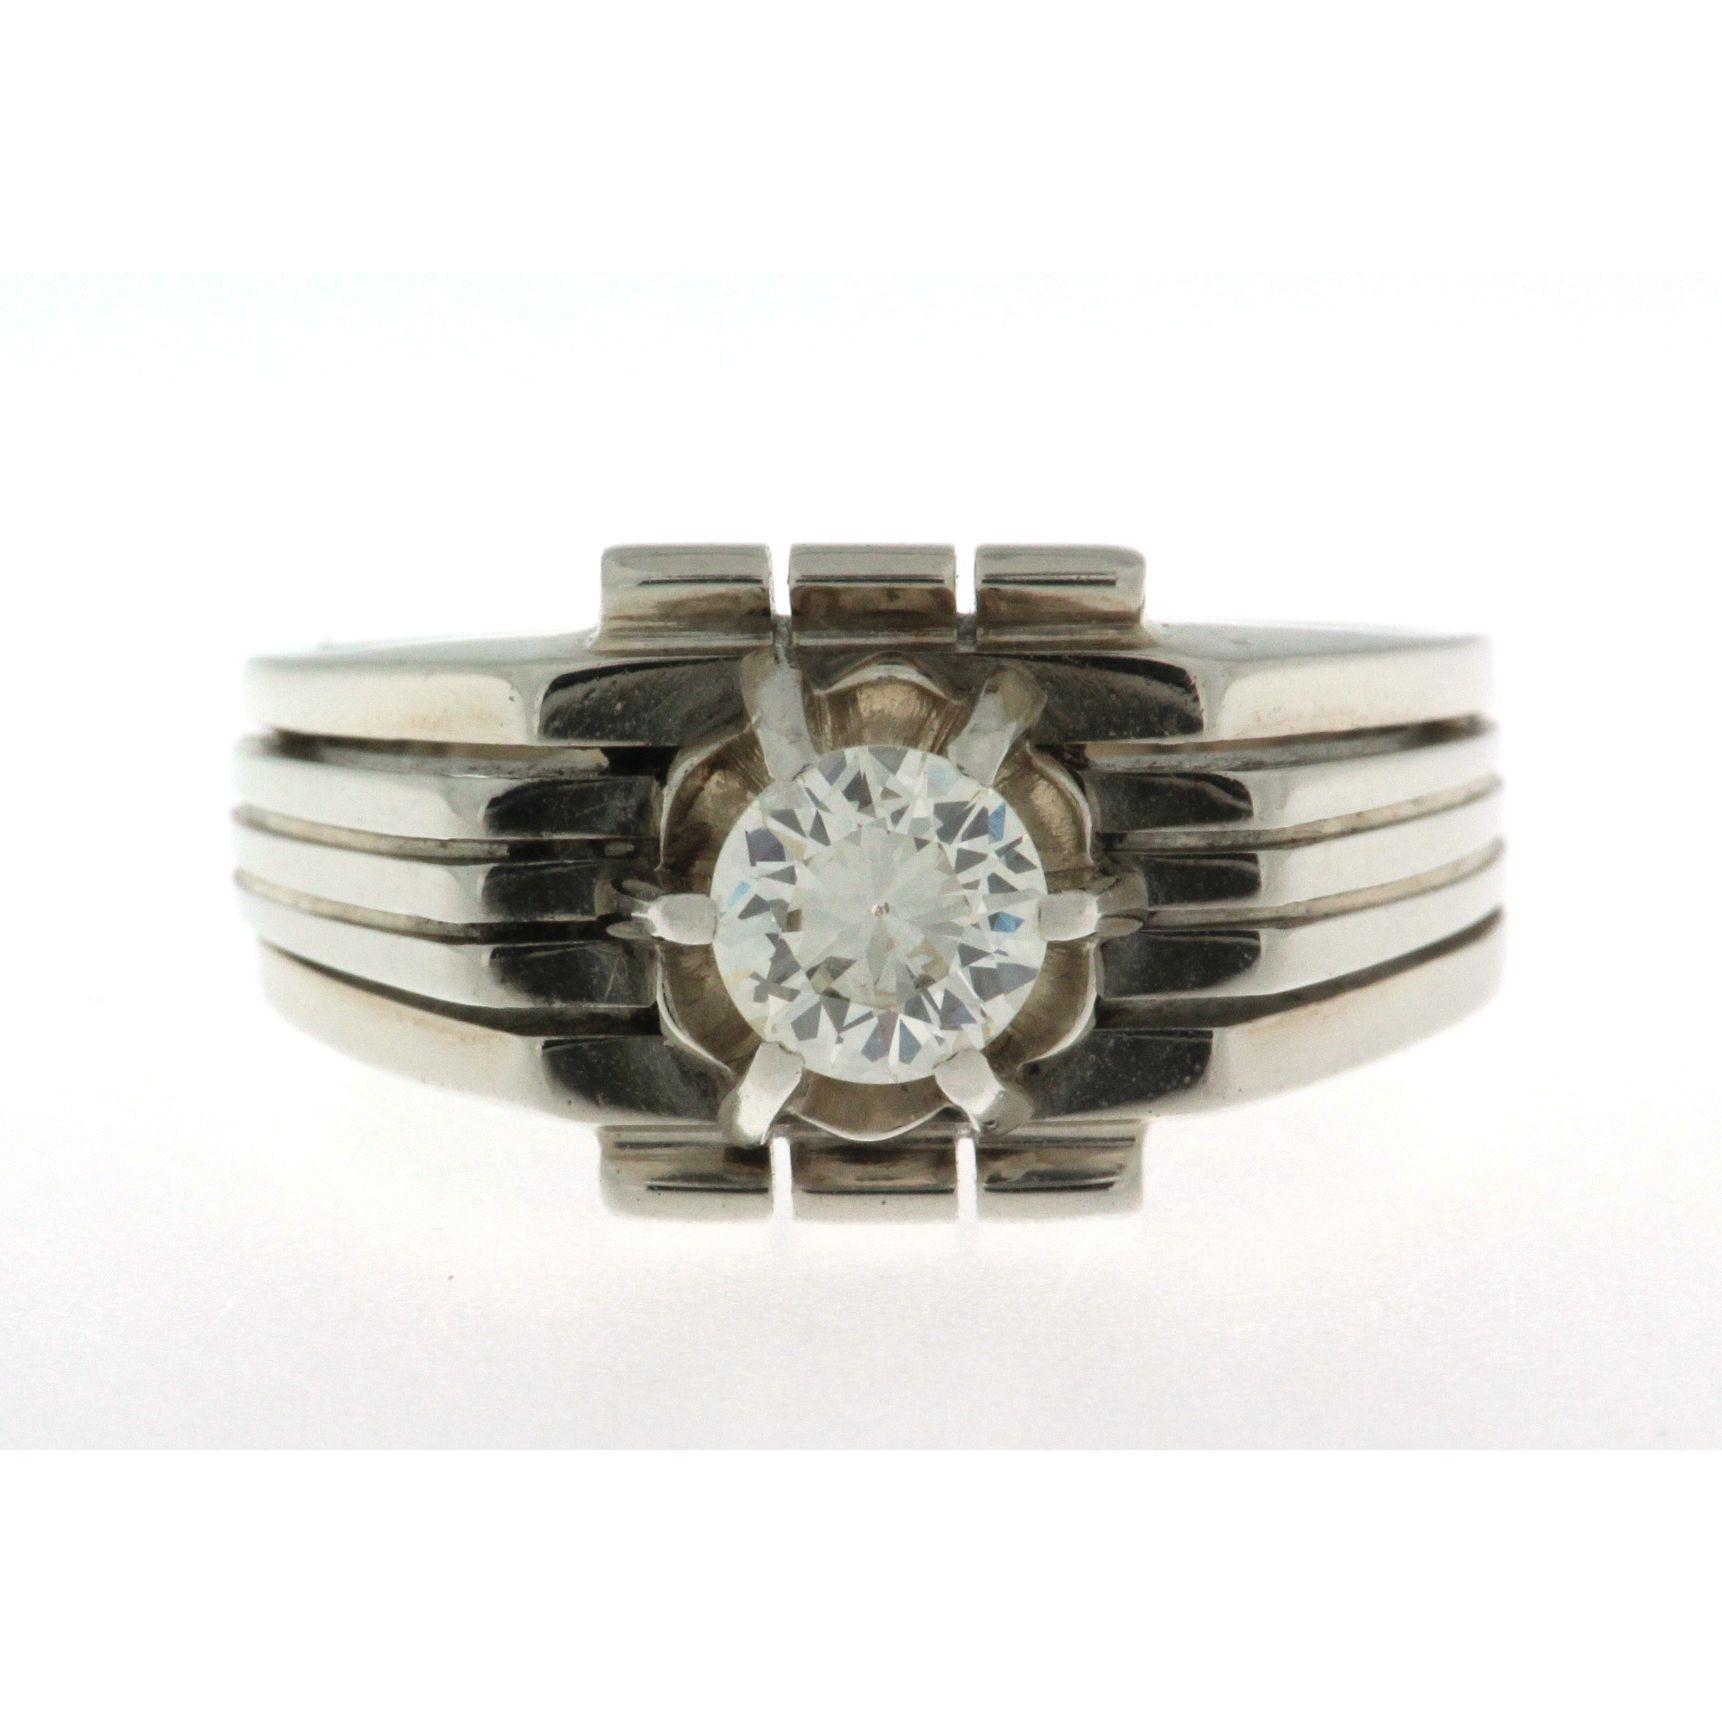 vendita calda autentica super economico rispetto a vera qualità Anello D'epoca da uomo in oro bianco 18 kt anni 50 60 con diamante  montatura a griffe